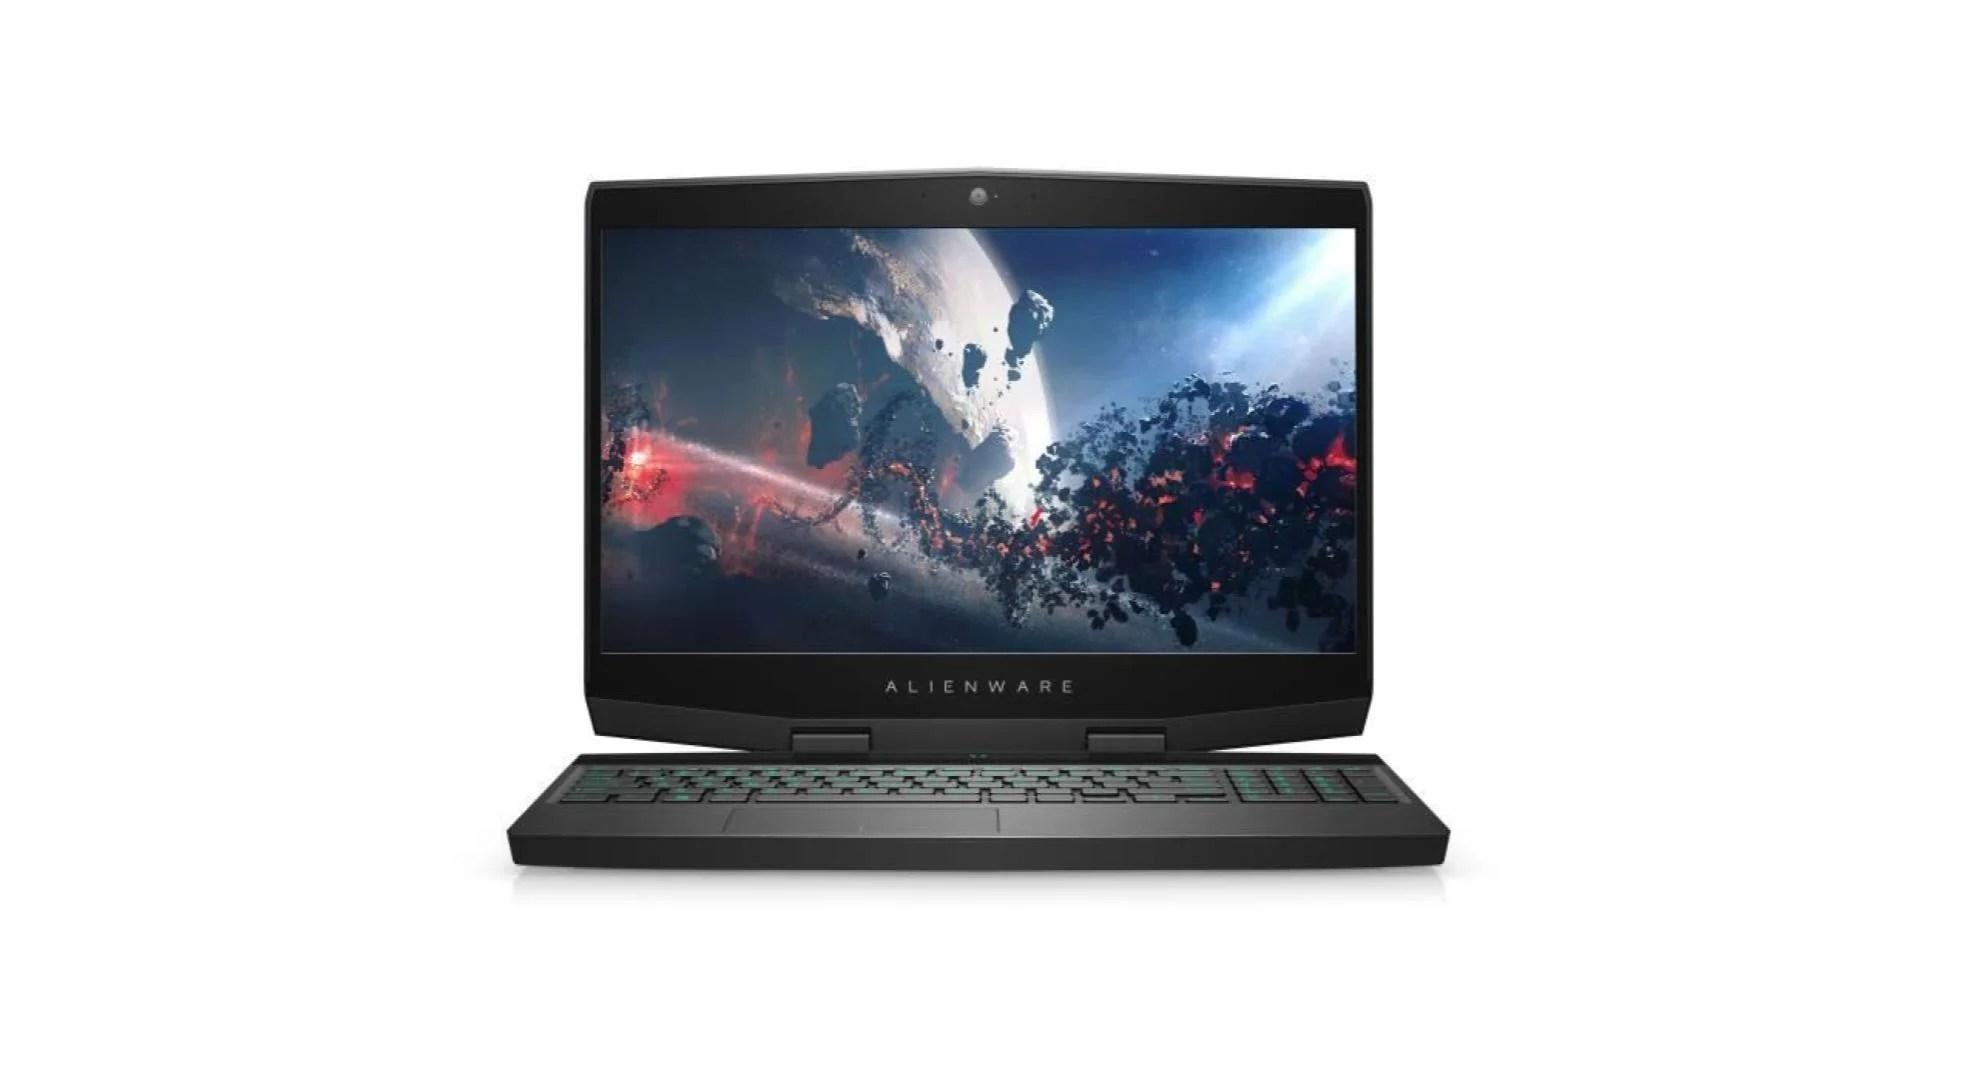 Ce laptop Alienware équipé d'une RTX 2070 est 300 euros moins cher